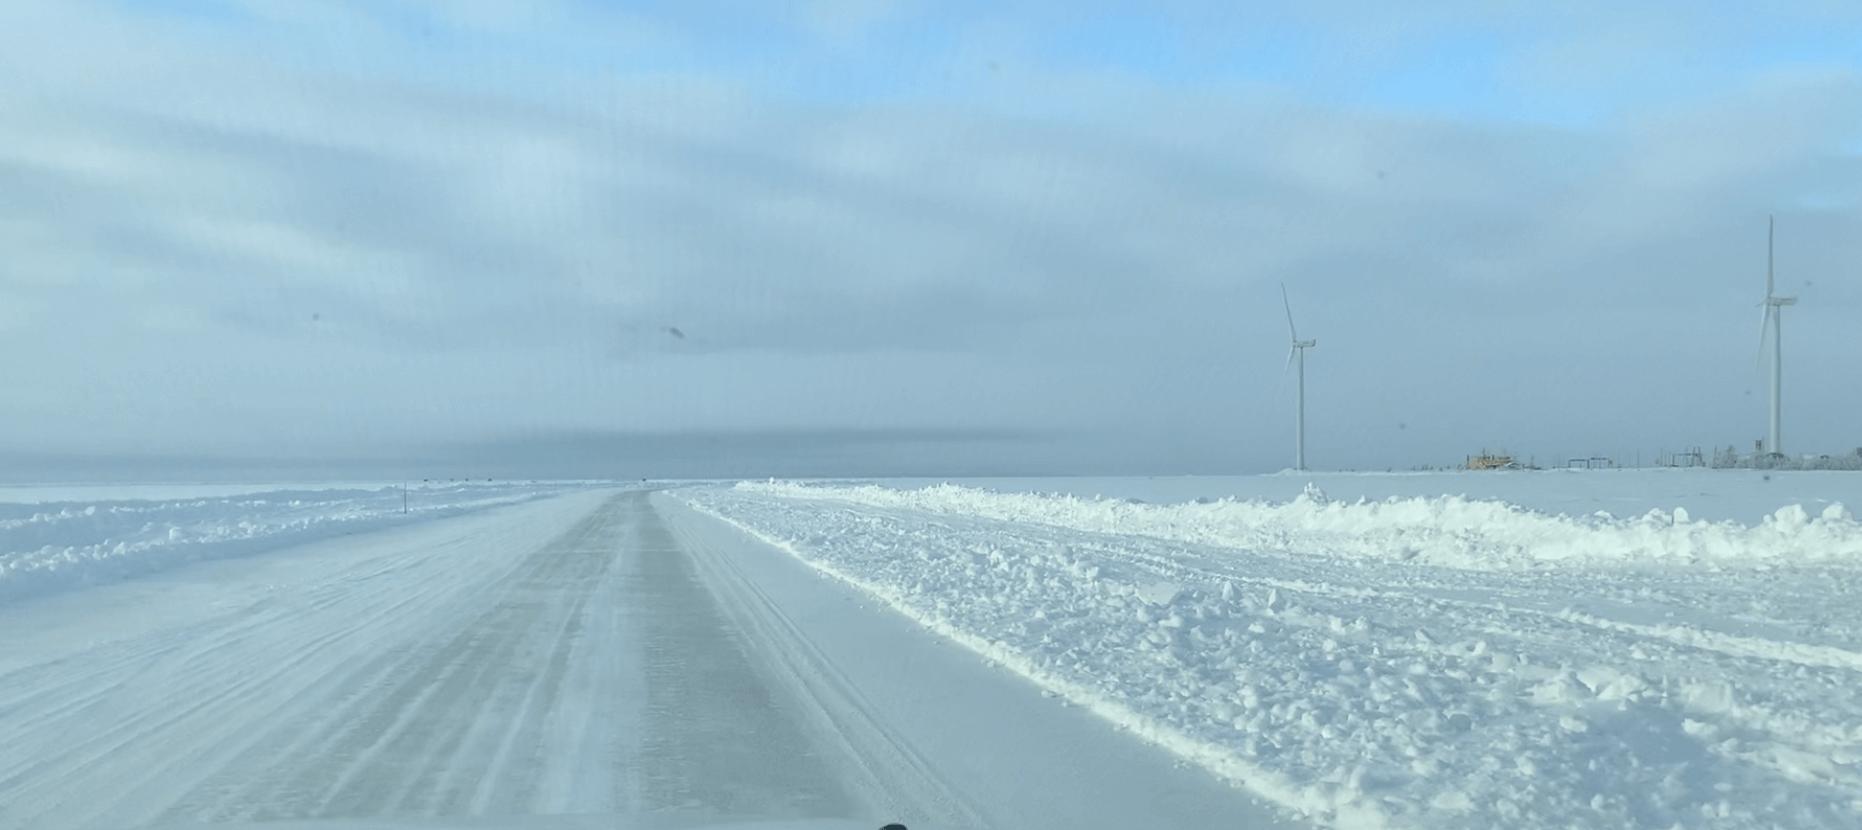 Ice road to Hailuoto